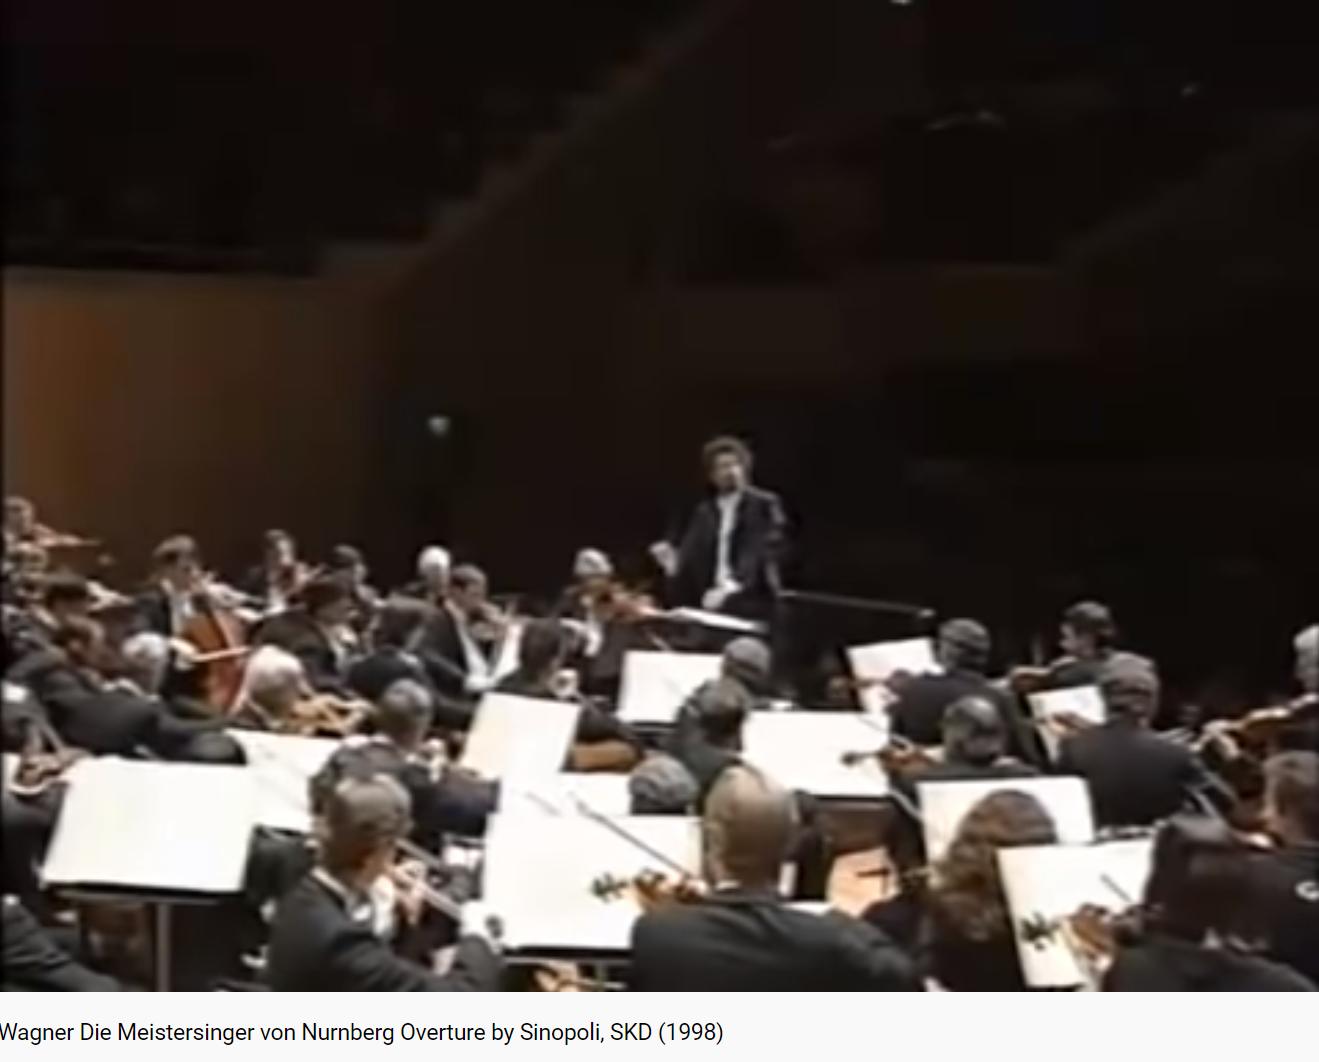 Wagner les Maîtres-chanteurs ouverture